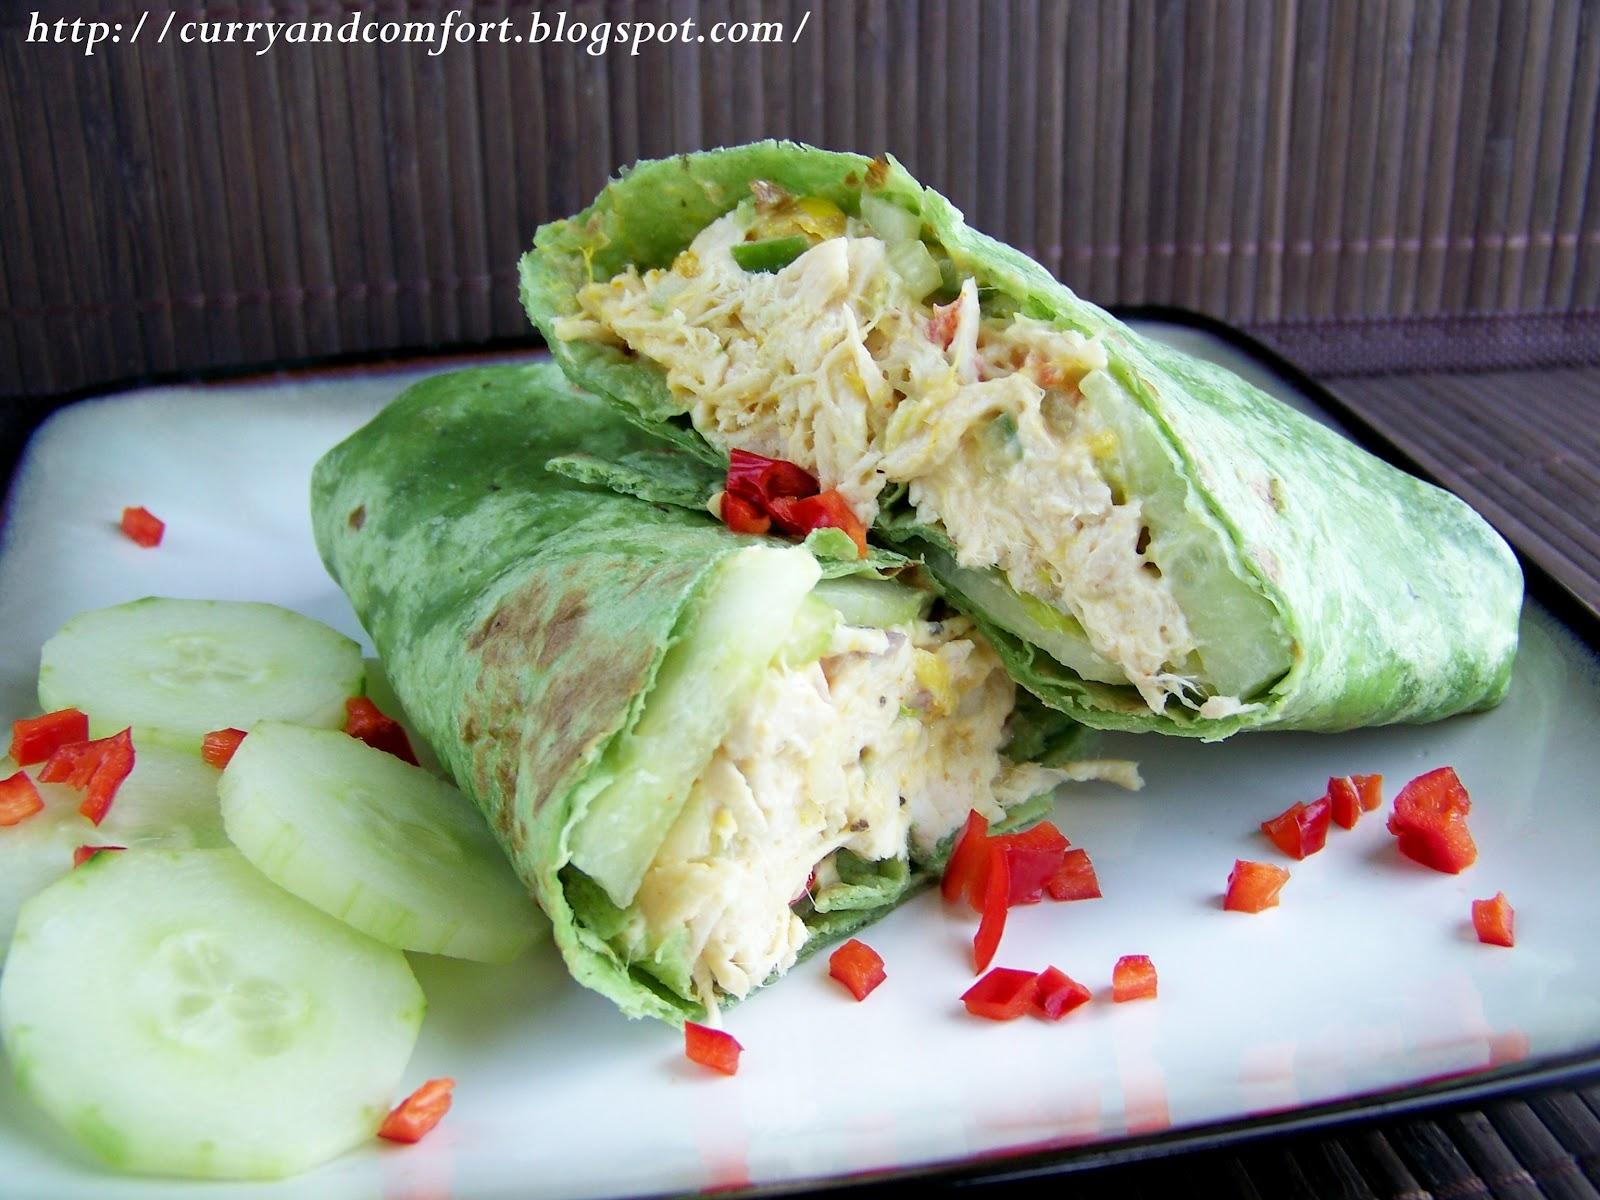 Kitchen Simmer: Chicken Salad with Mango Chutney